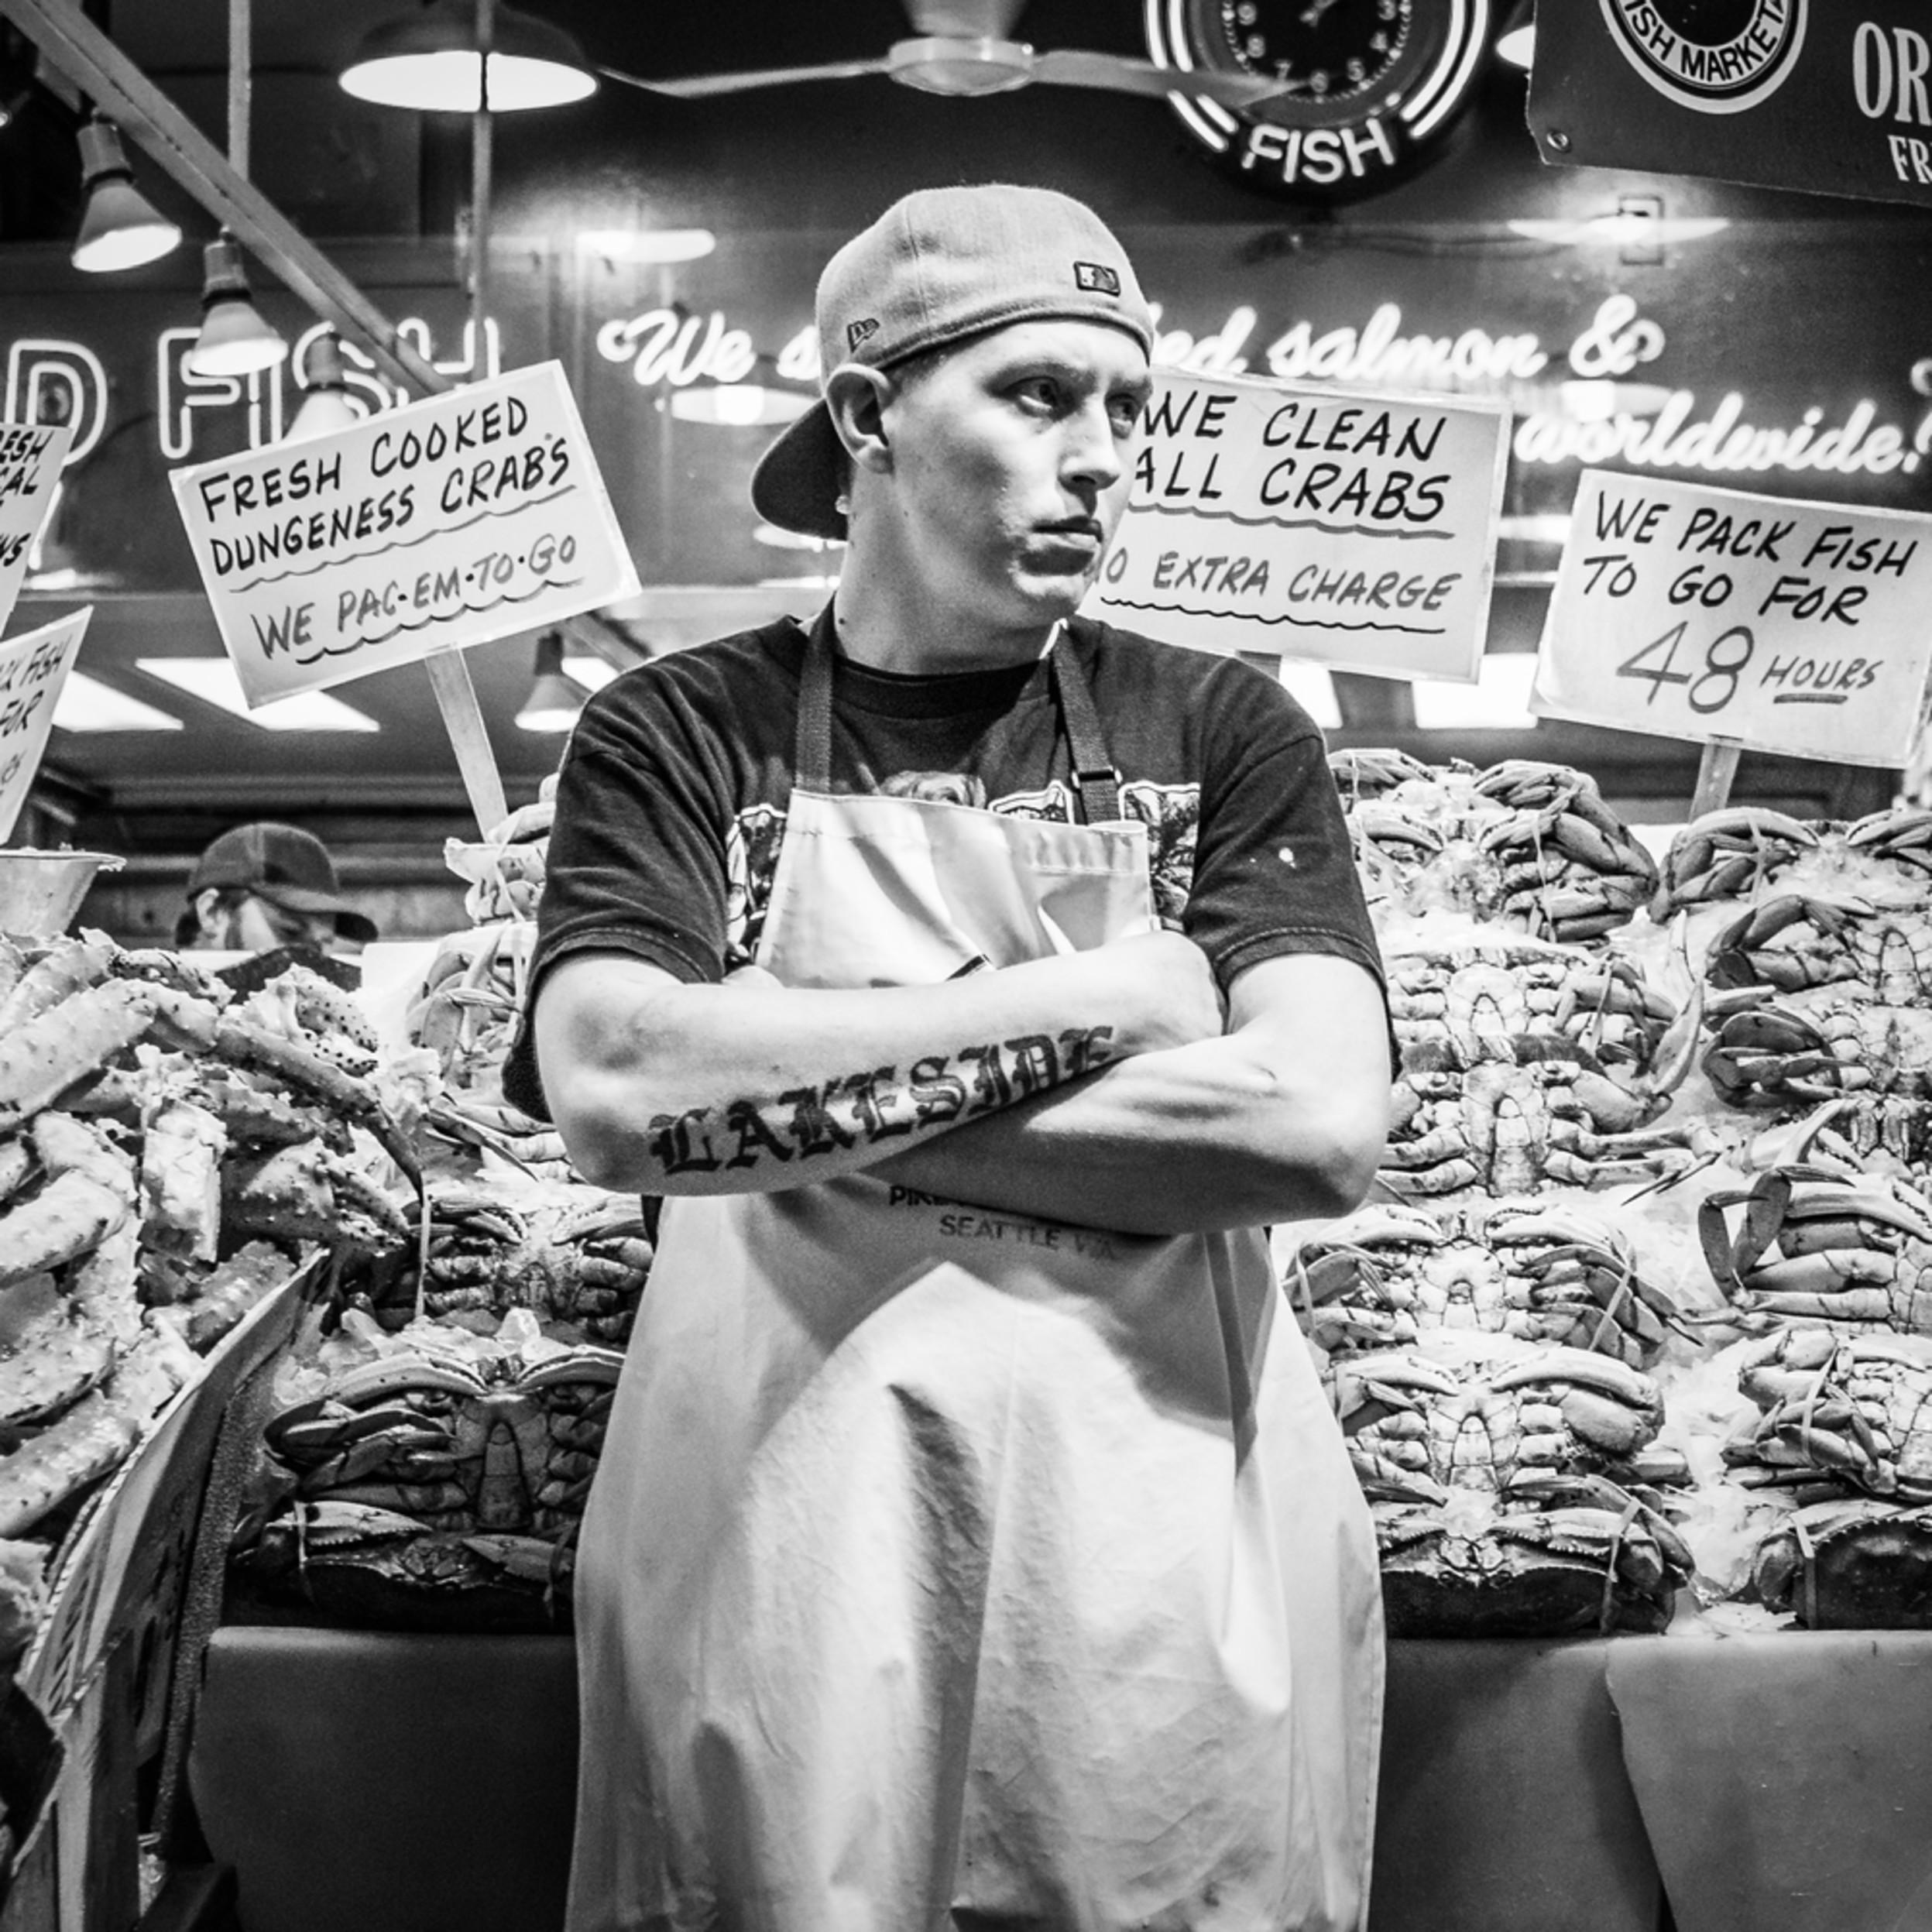 Fishmonger dcrvd2